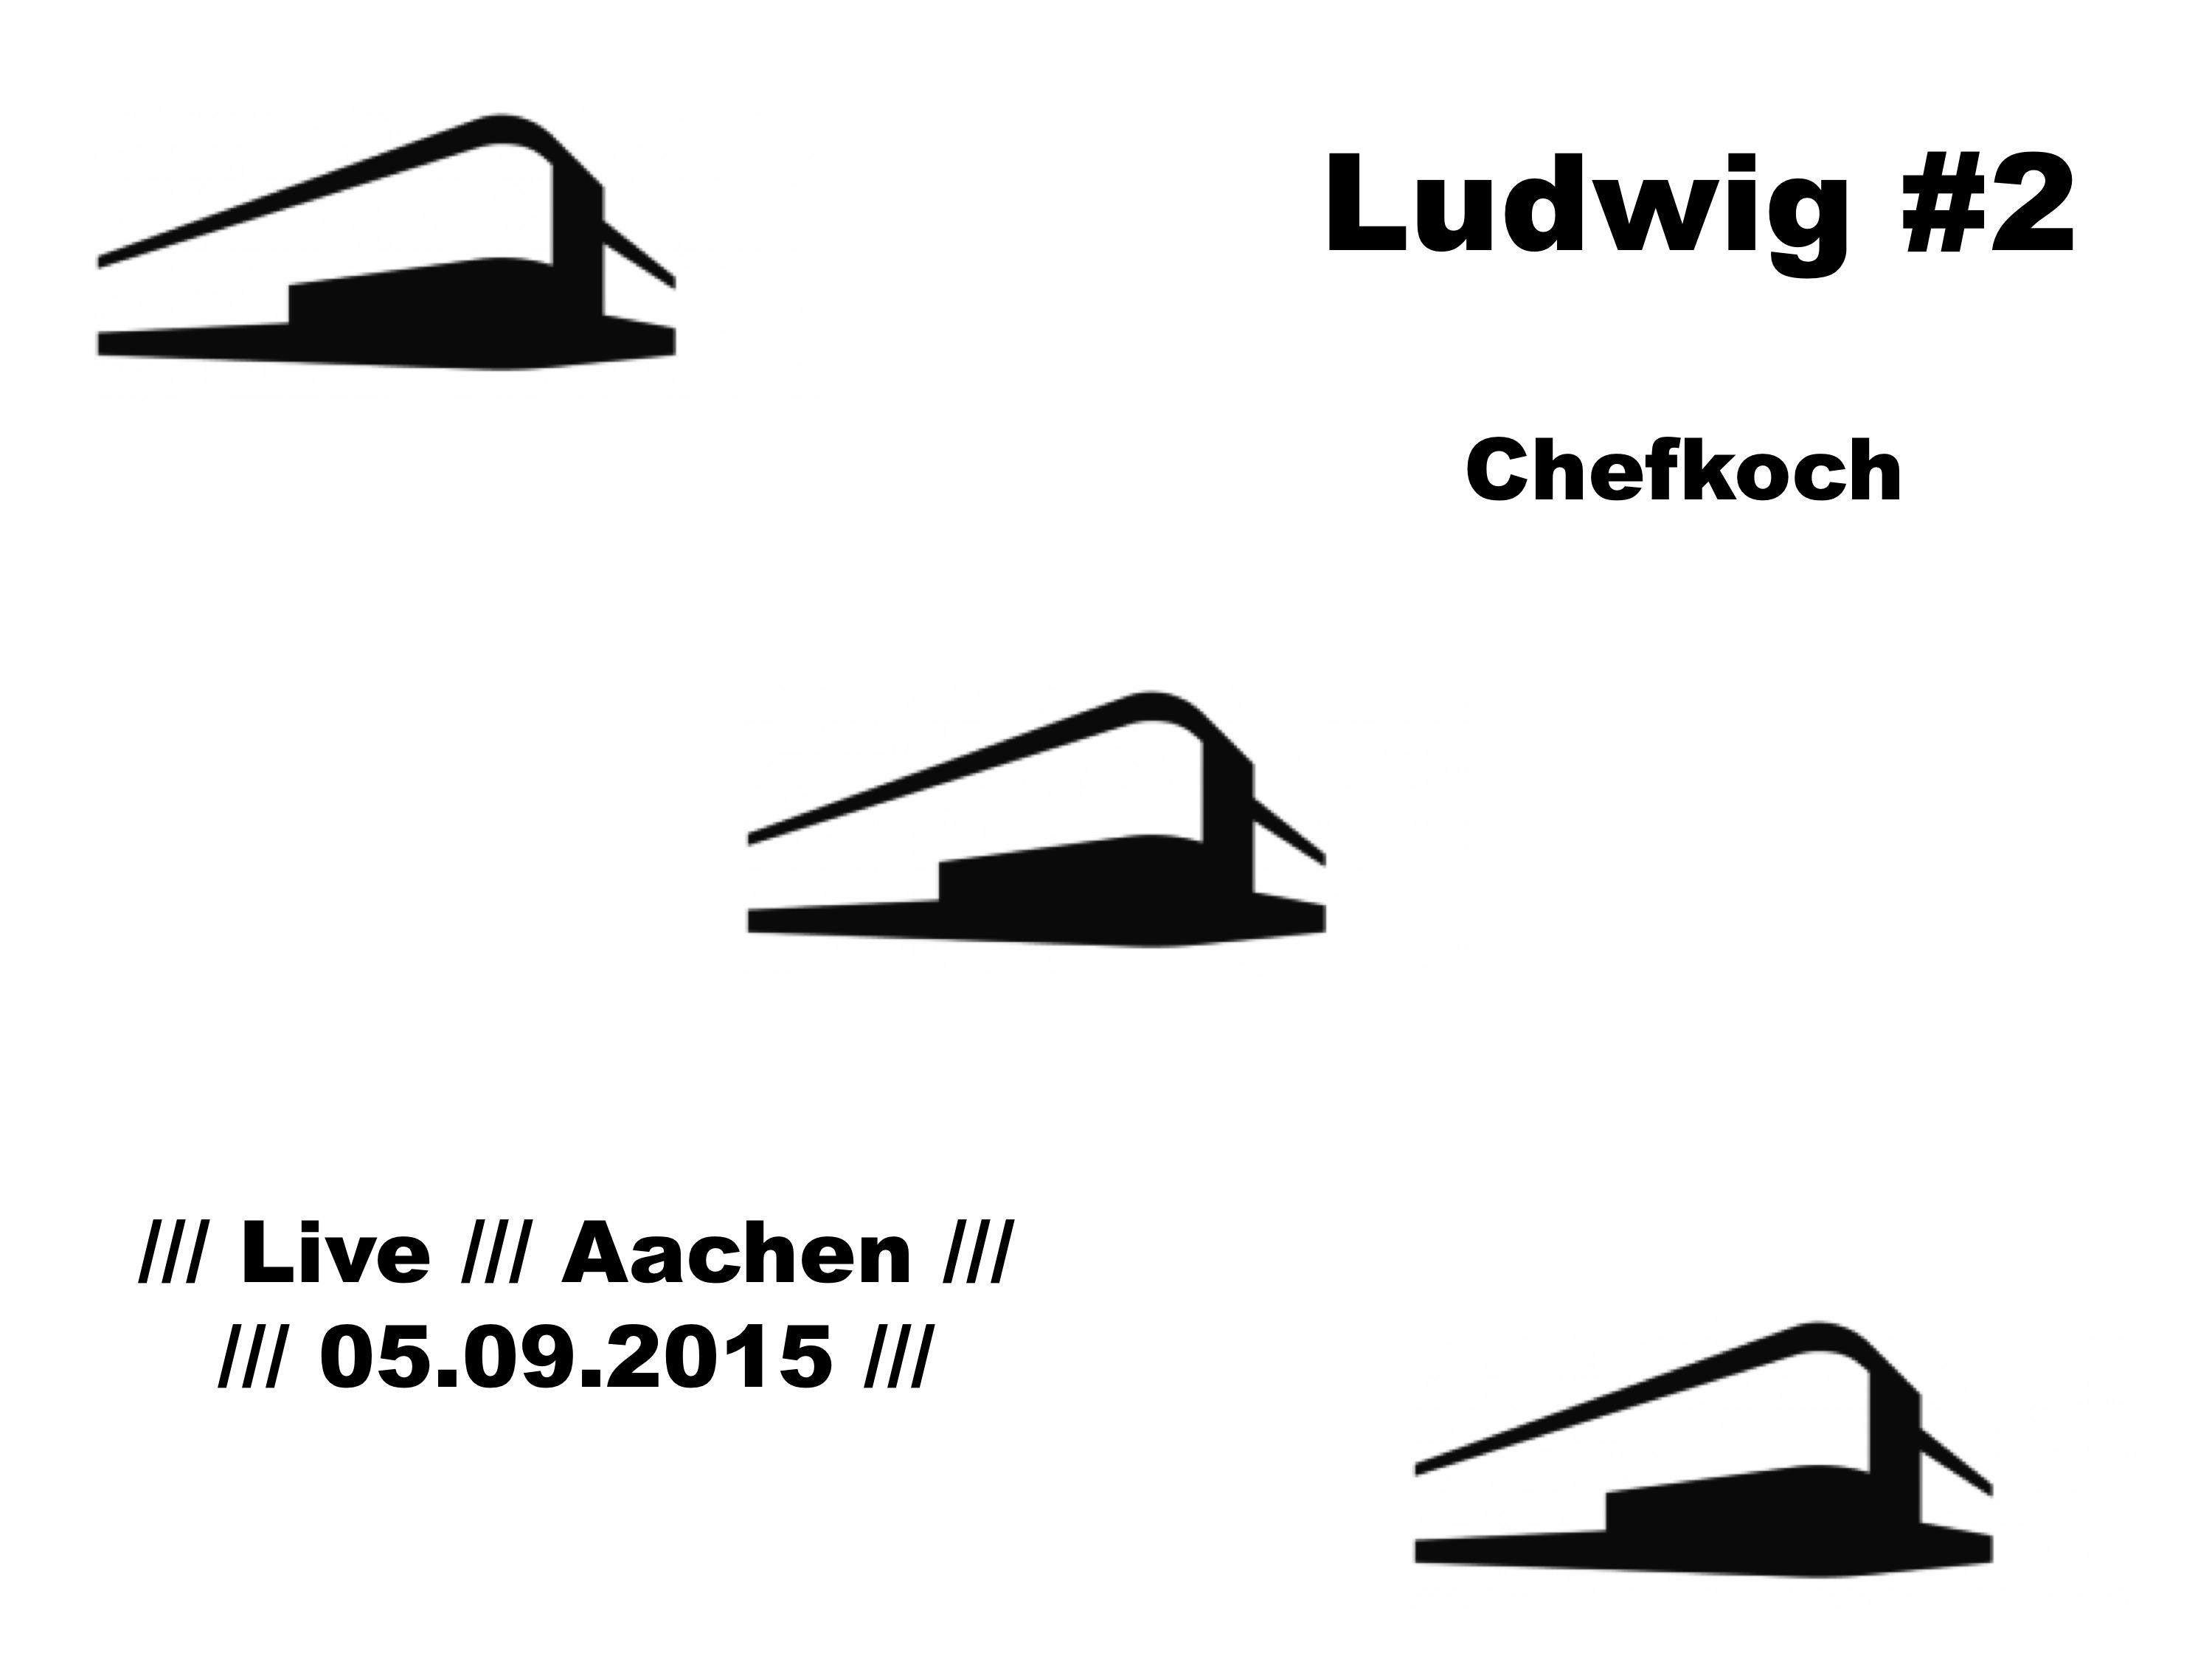 <!--:de-->Ludwig#2 /// Live /// 05.09.2015 – Chefkoch<!--:--><!--:en-->Ludwig#2 /// Live /// 05.09.2015 – Chefkoch<!--:-->